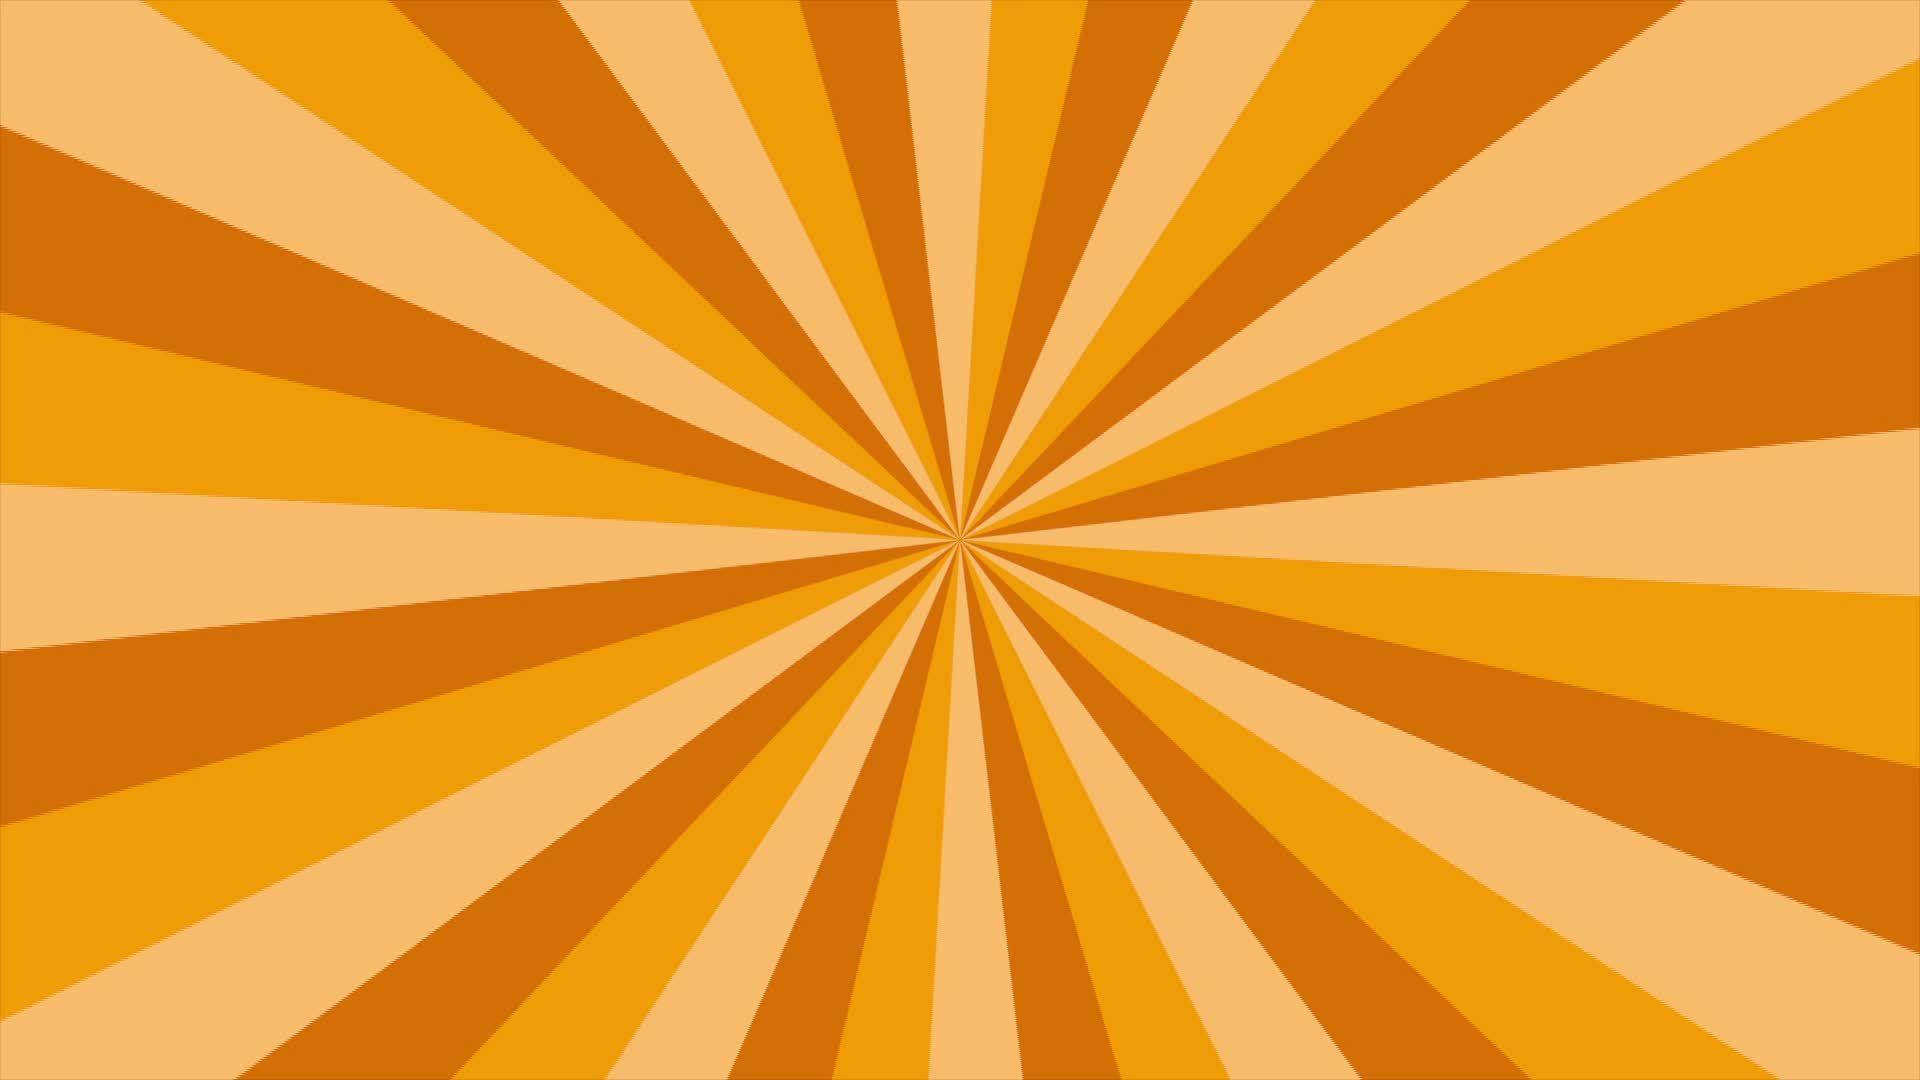 Fondos Vintage Naranja Wallpaper Gratis 5 Hd Wallpapers Fondos Wallpaper Gratis Fondo Vintage